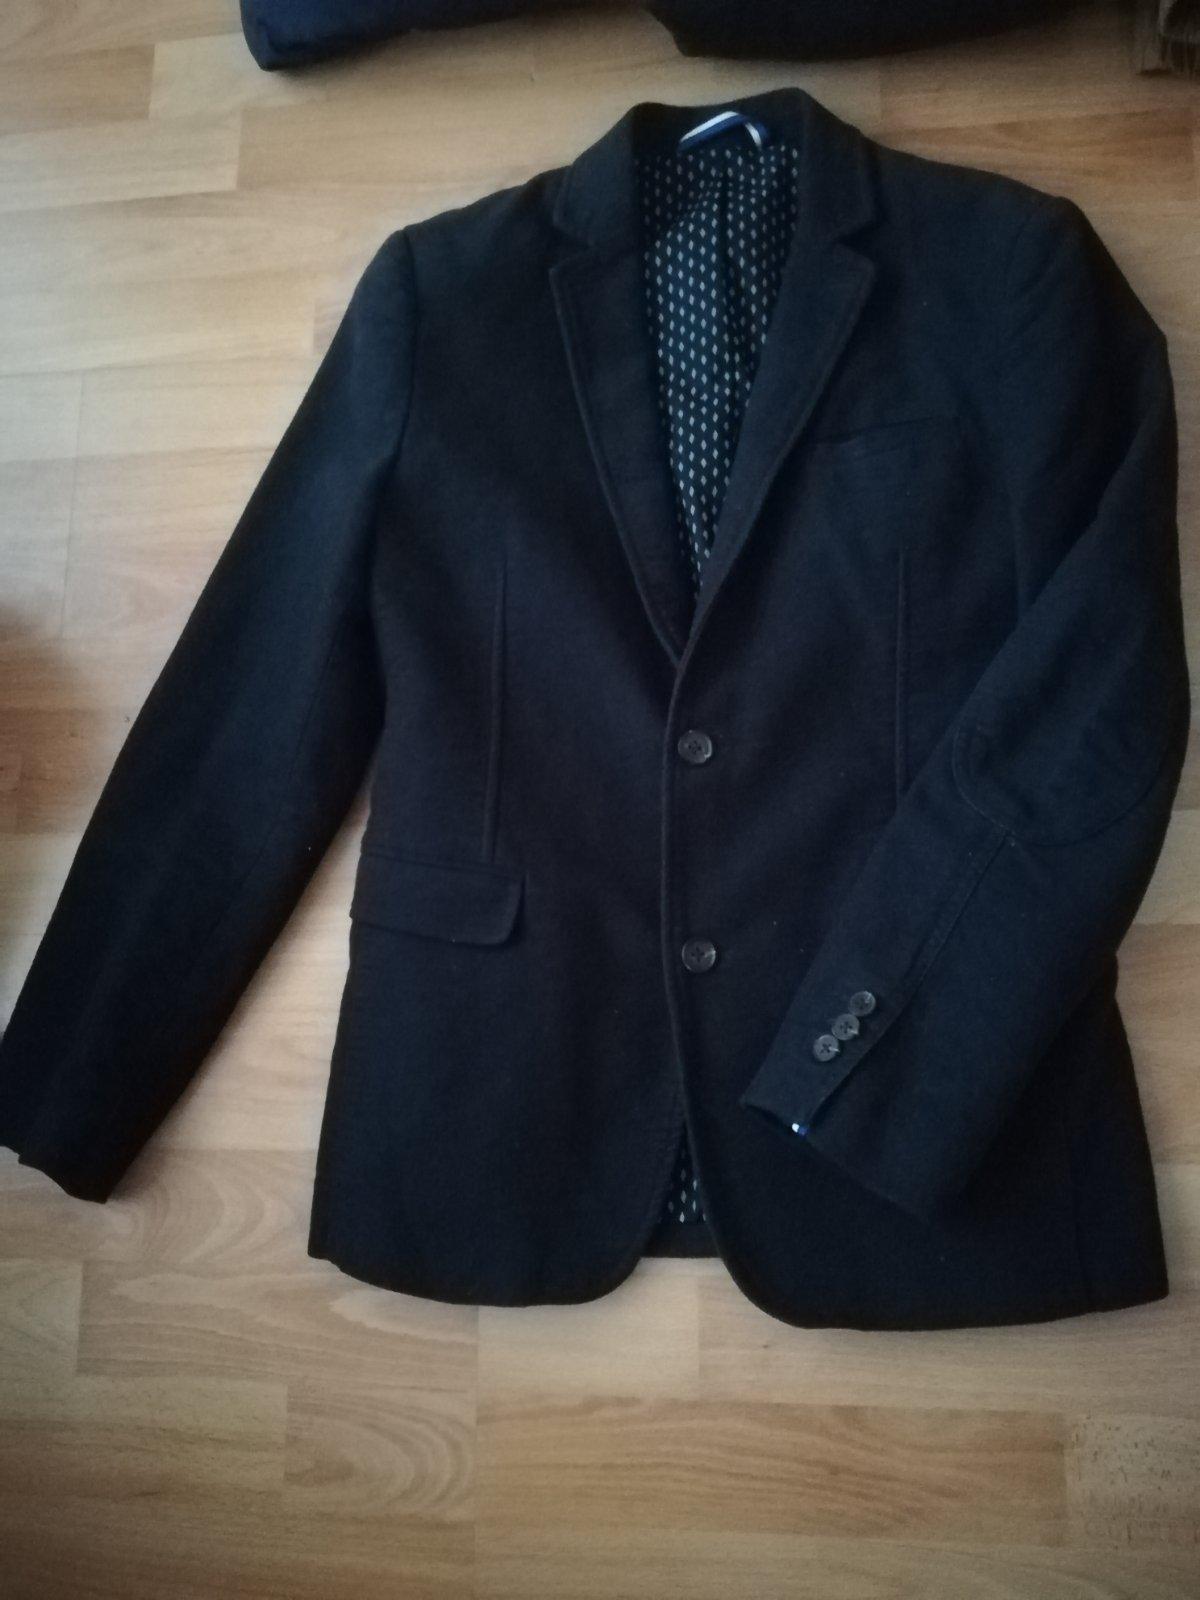 339c8e70c8 Panske sportovo-elegantne sako zn. celio